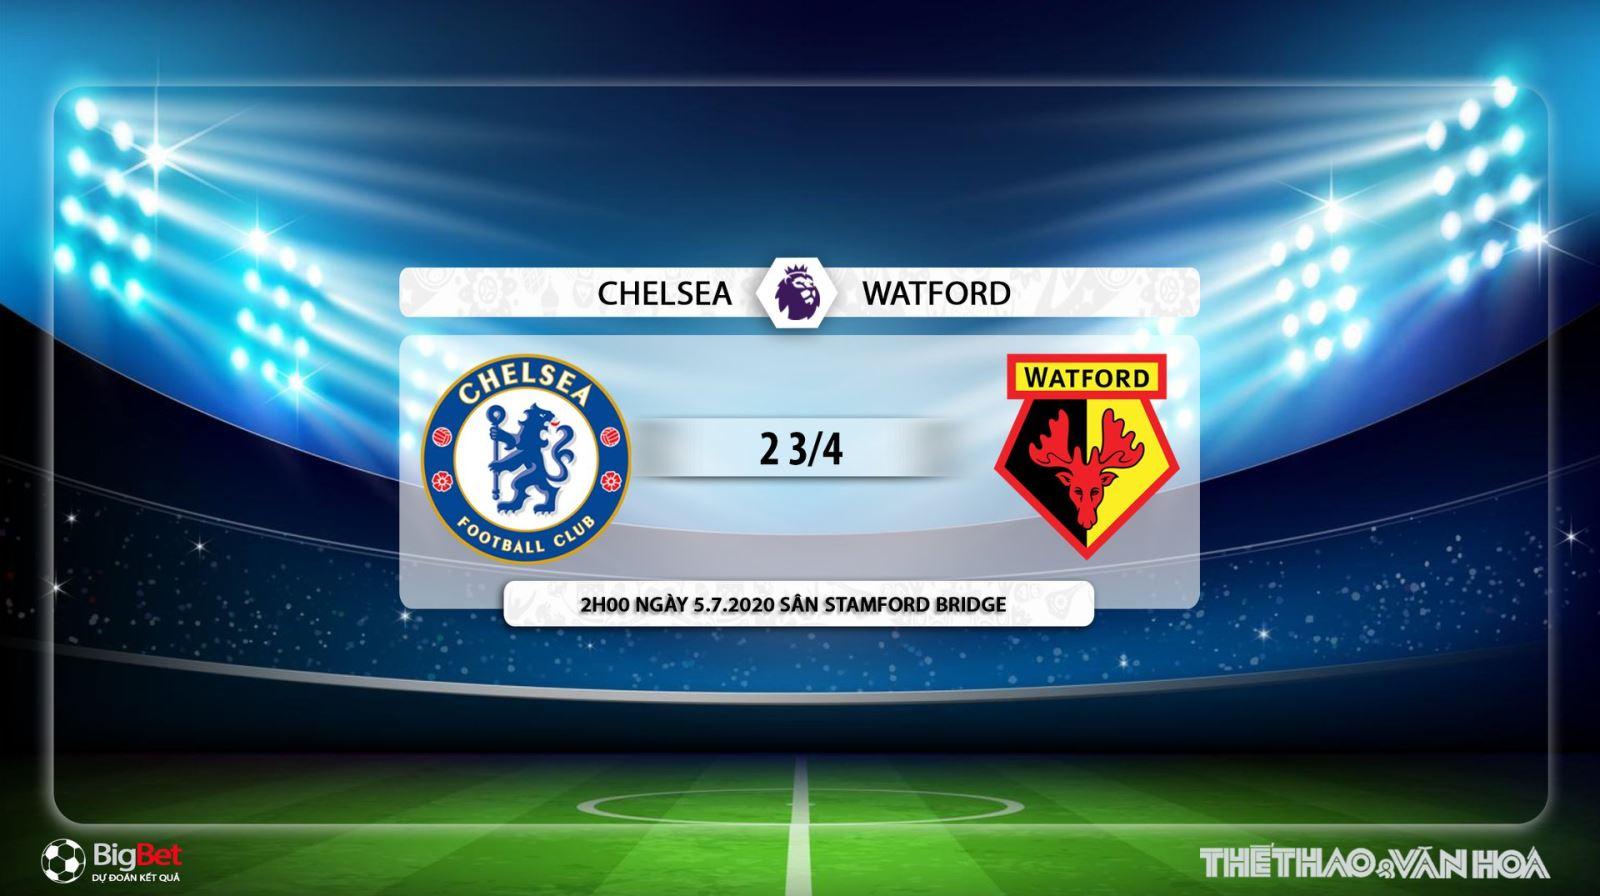 Chelsea vs Watford, trực tiếp bóng đá, Chelsea, Watford, soi kèo, kèo bóng đá, nhận định, dự đoán, lịch thi đấu bóng đá